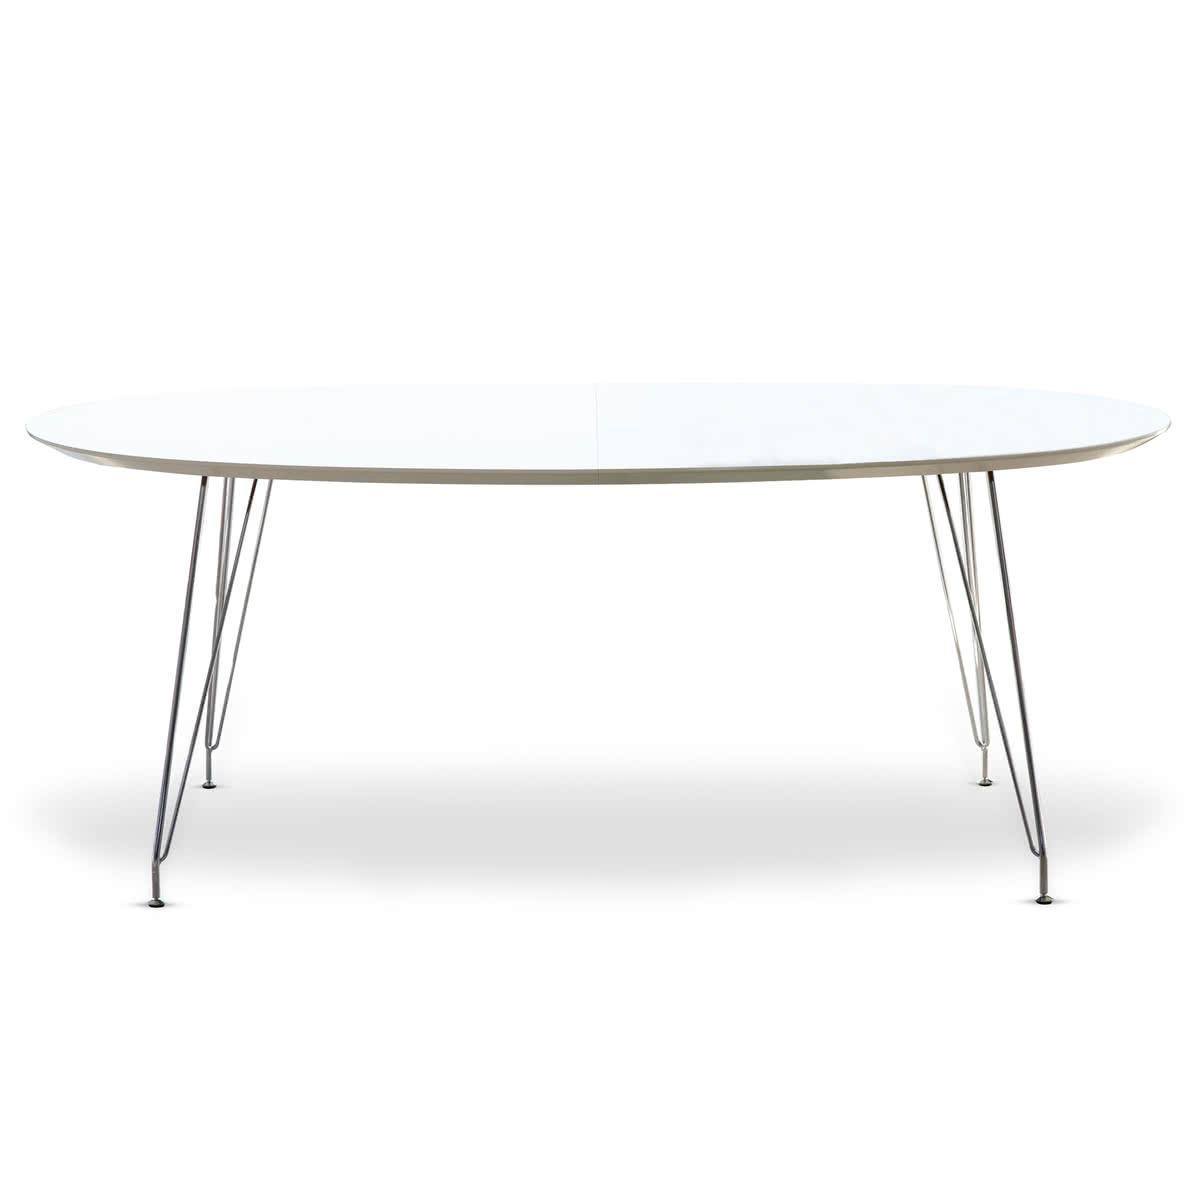 Full Size of Esstisch Weiß Oval Dk10 Von Andersen Furniture Rustikal Holz Küche Bett 140x200 Musterring Teppich Esstische Ausziehbar Hochglanz Regal Schwarz Lampen Esstische Esstisch Weiß Oval